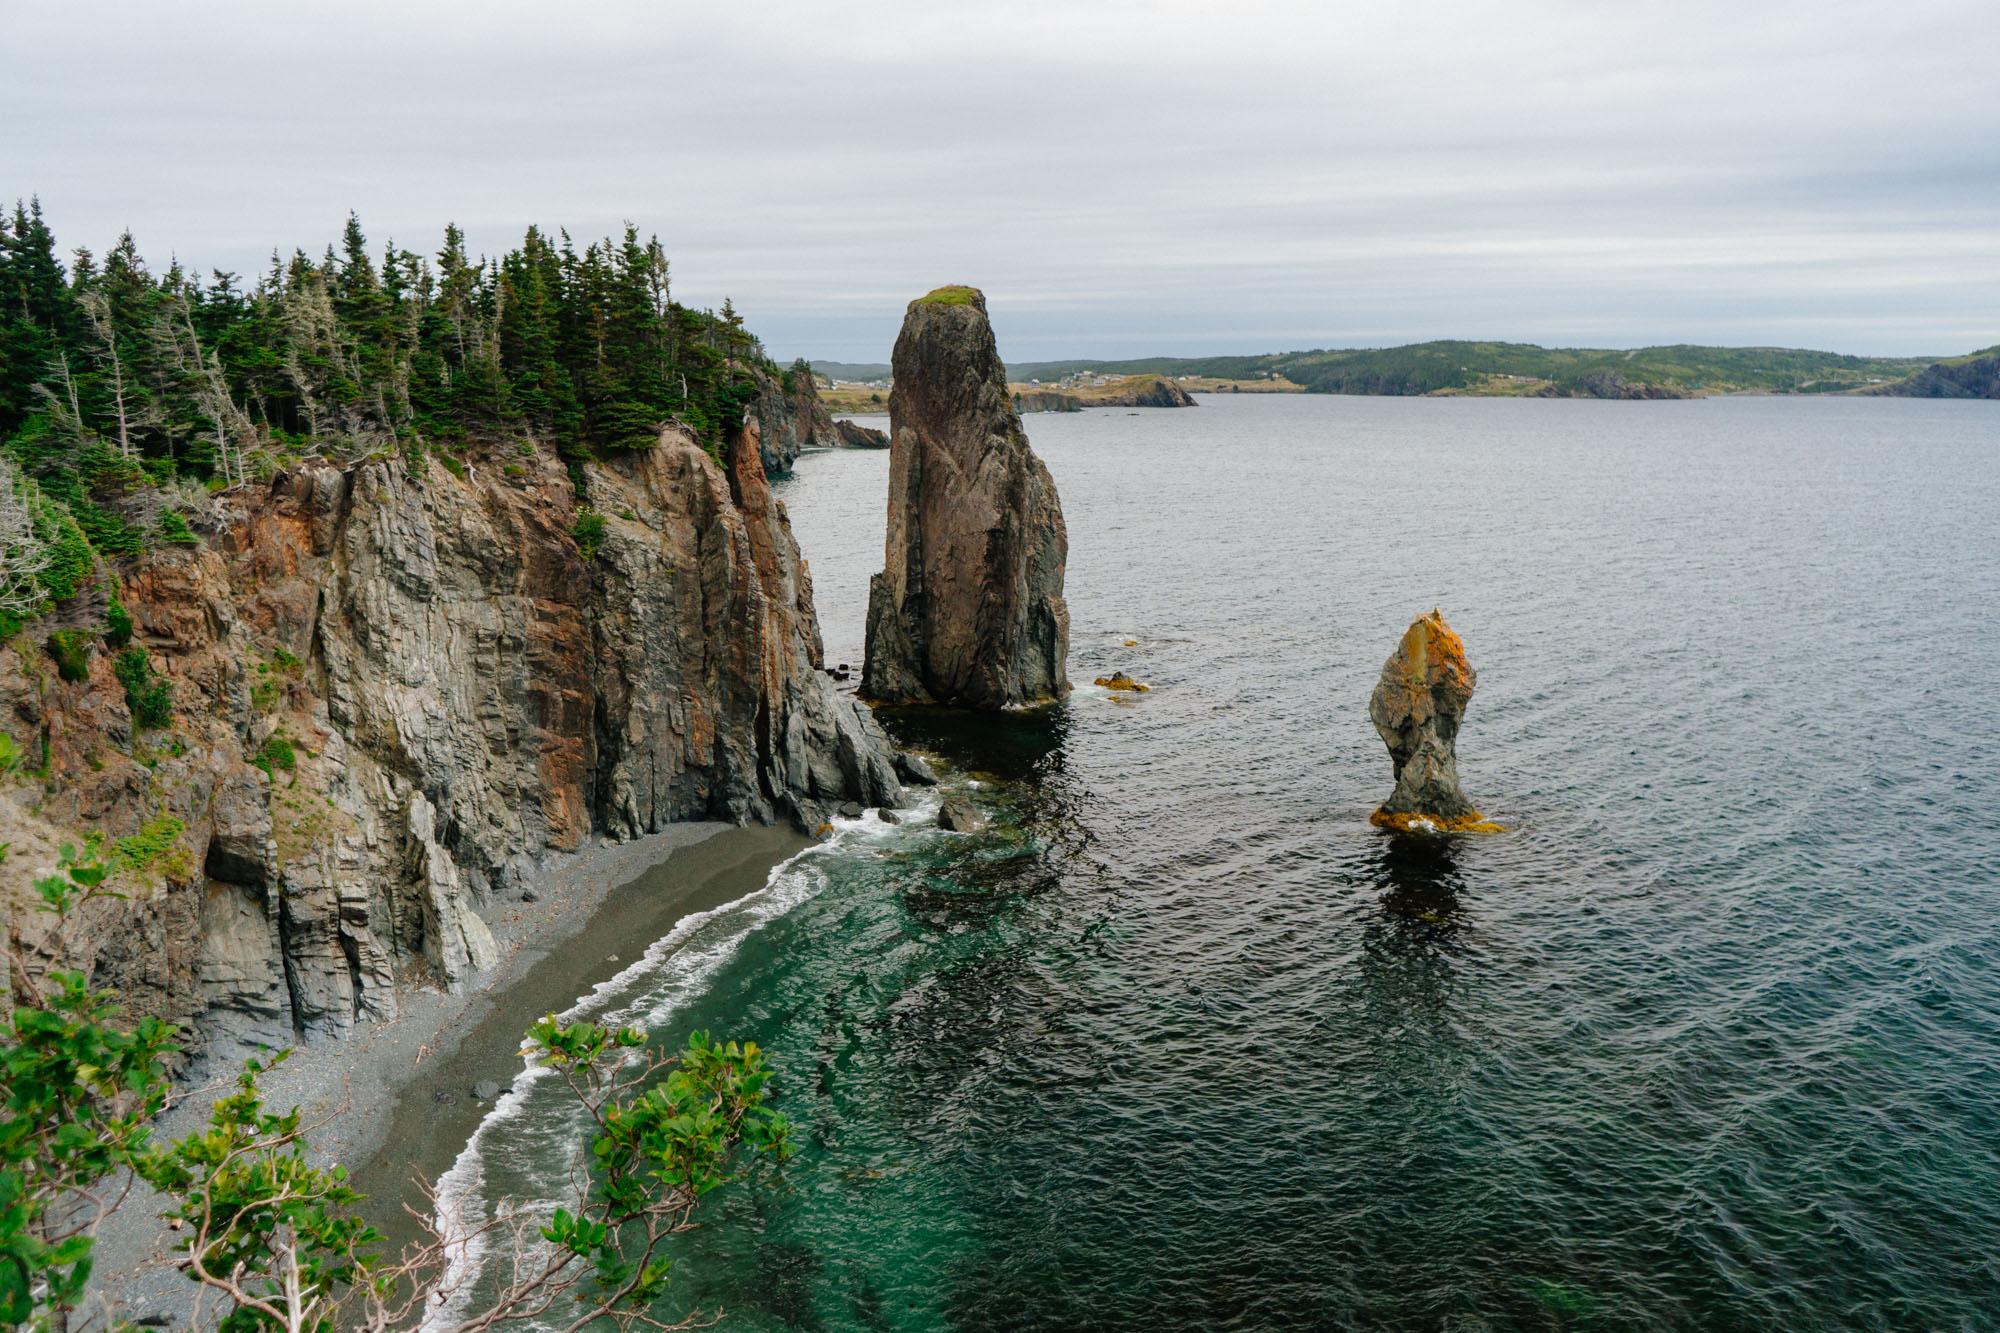 More sea stacks along the coast